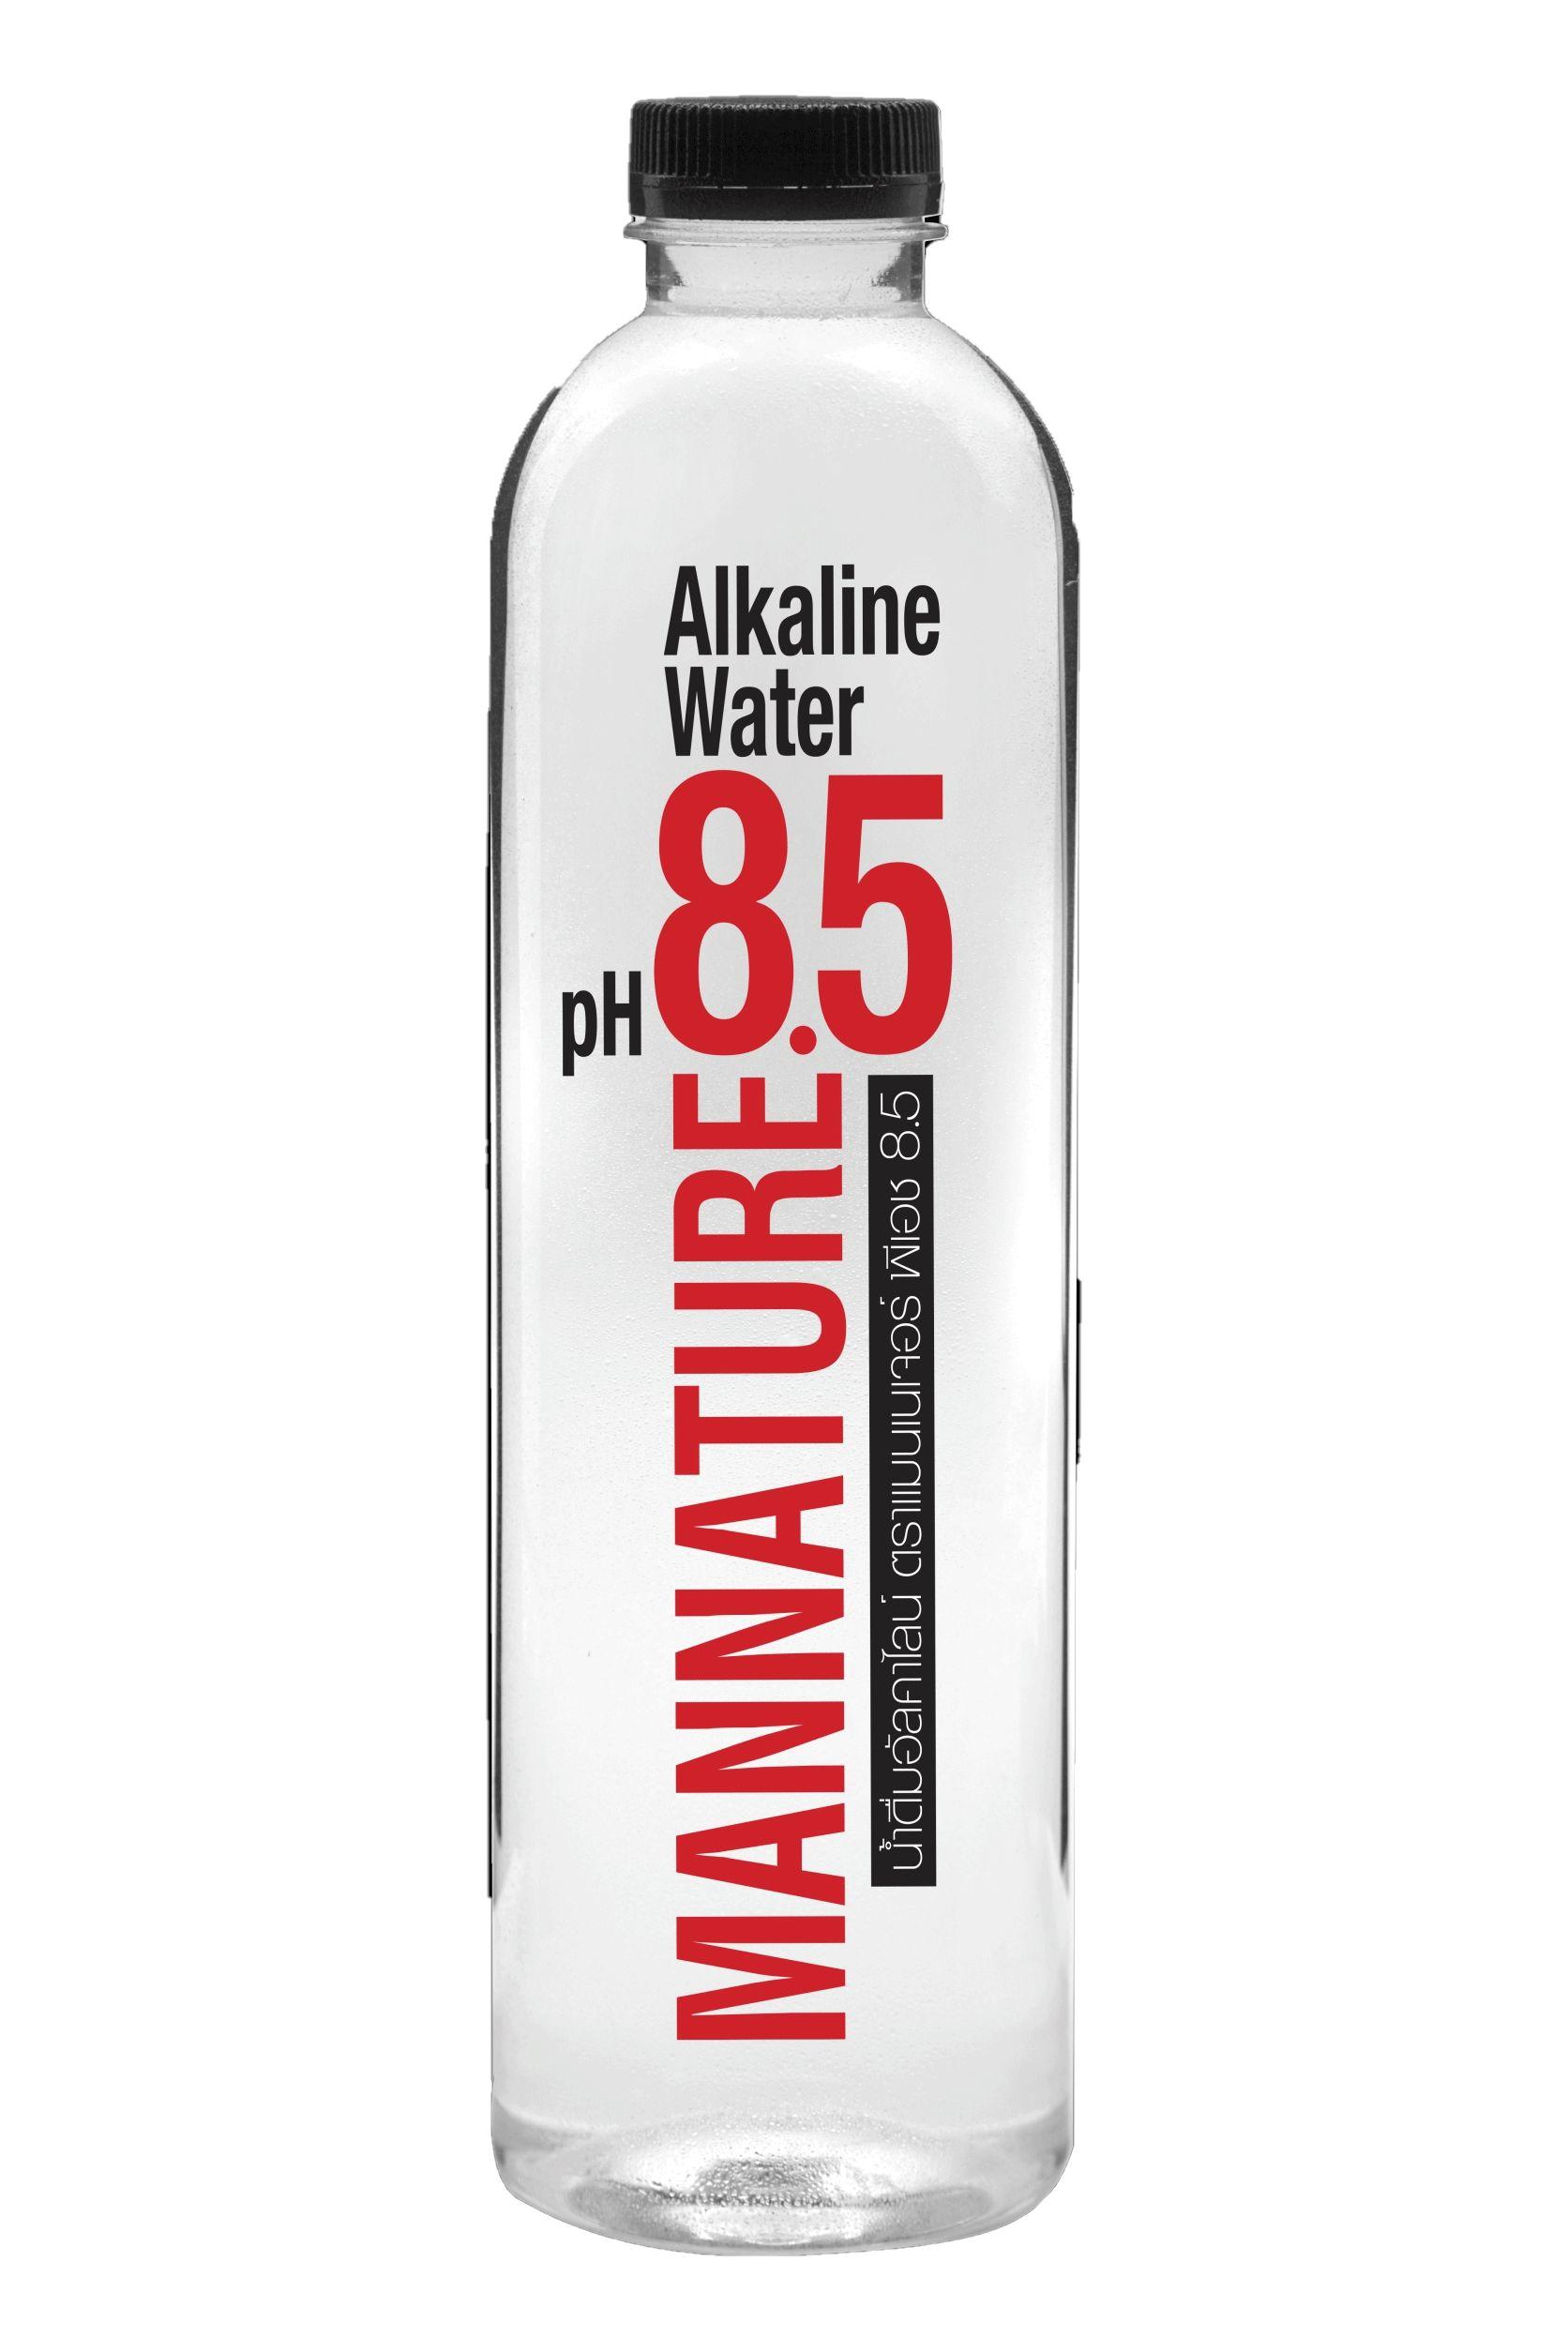 น้ำดื่มอัลคาไลน์ (น้ำด่าง) ตราแมนเนเจอร์